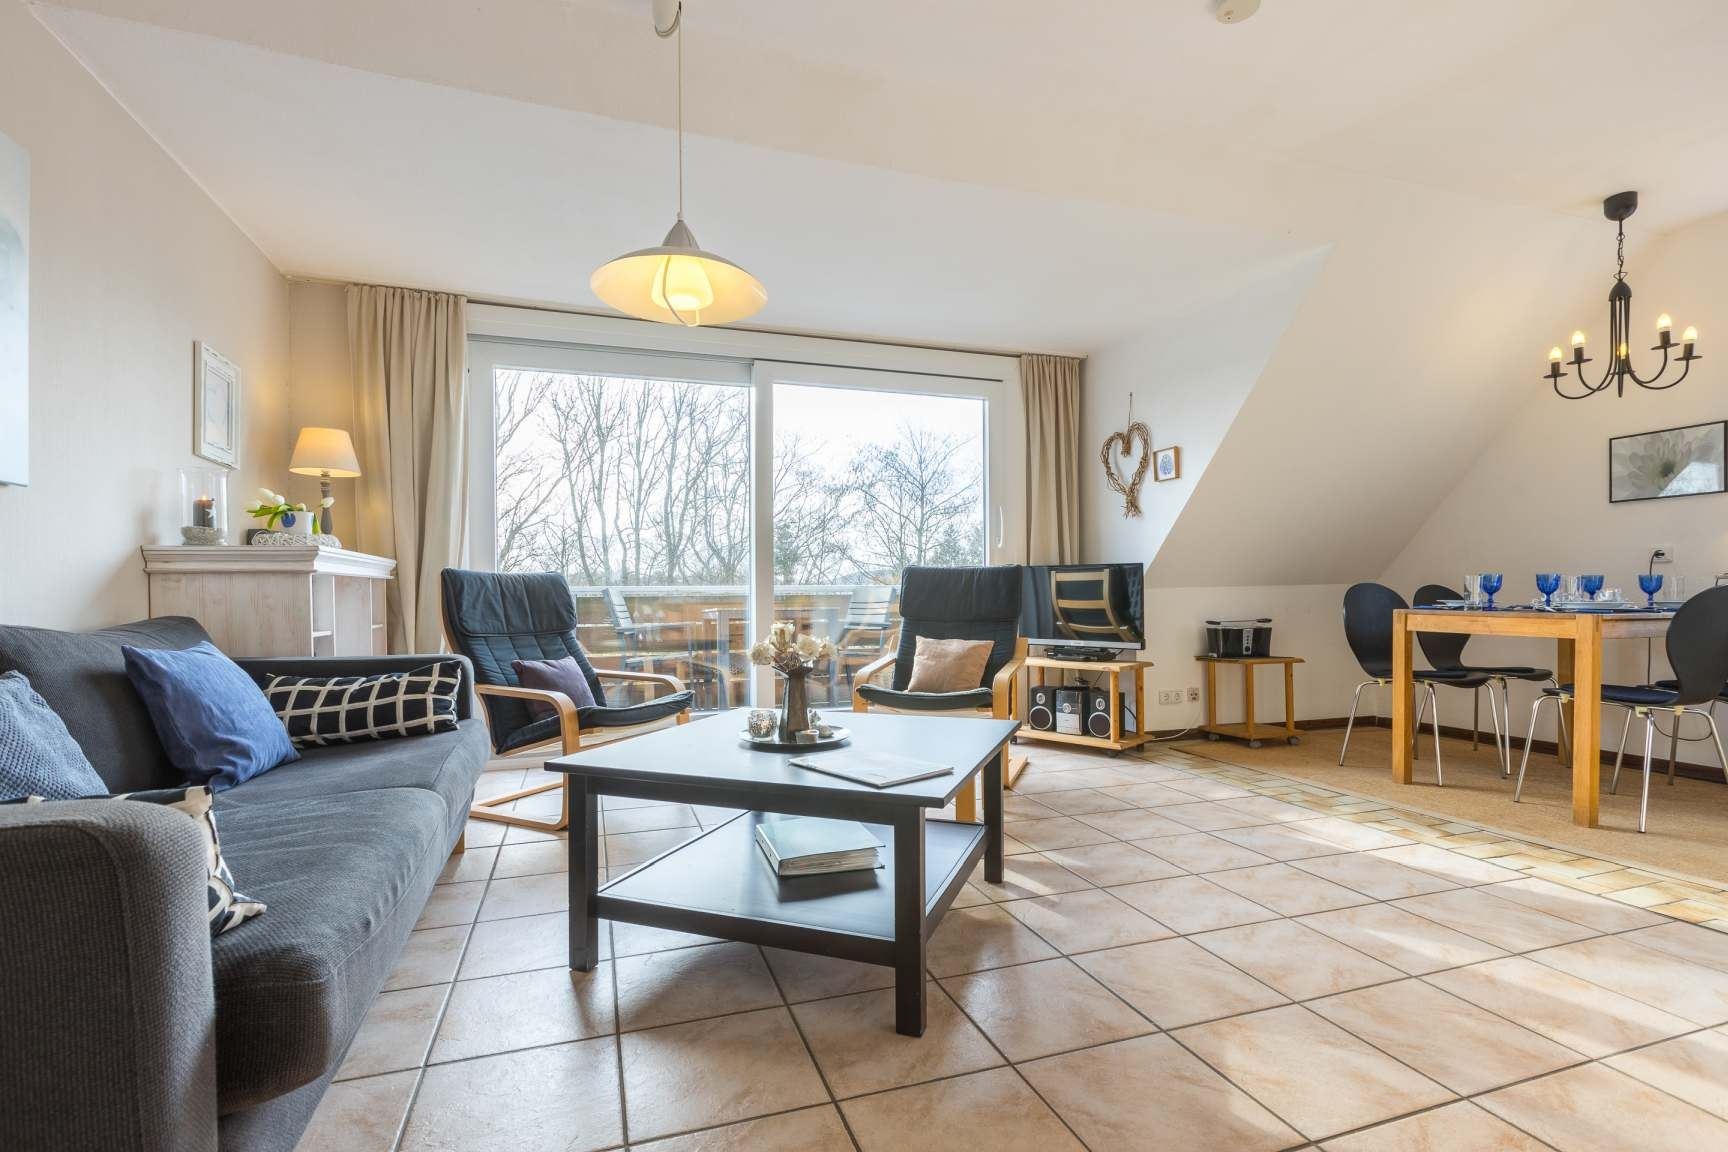 Wohnzimmer - St Peter Ording Dorf, Haus Wogemann, Wohnung 11